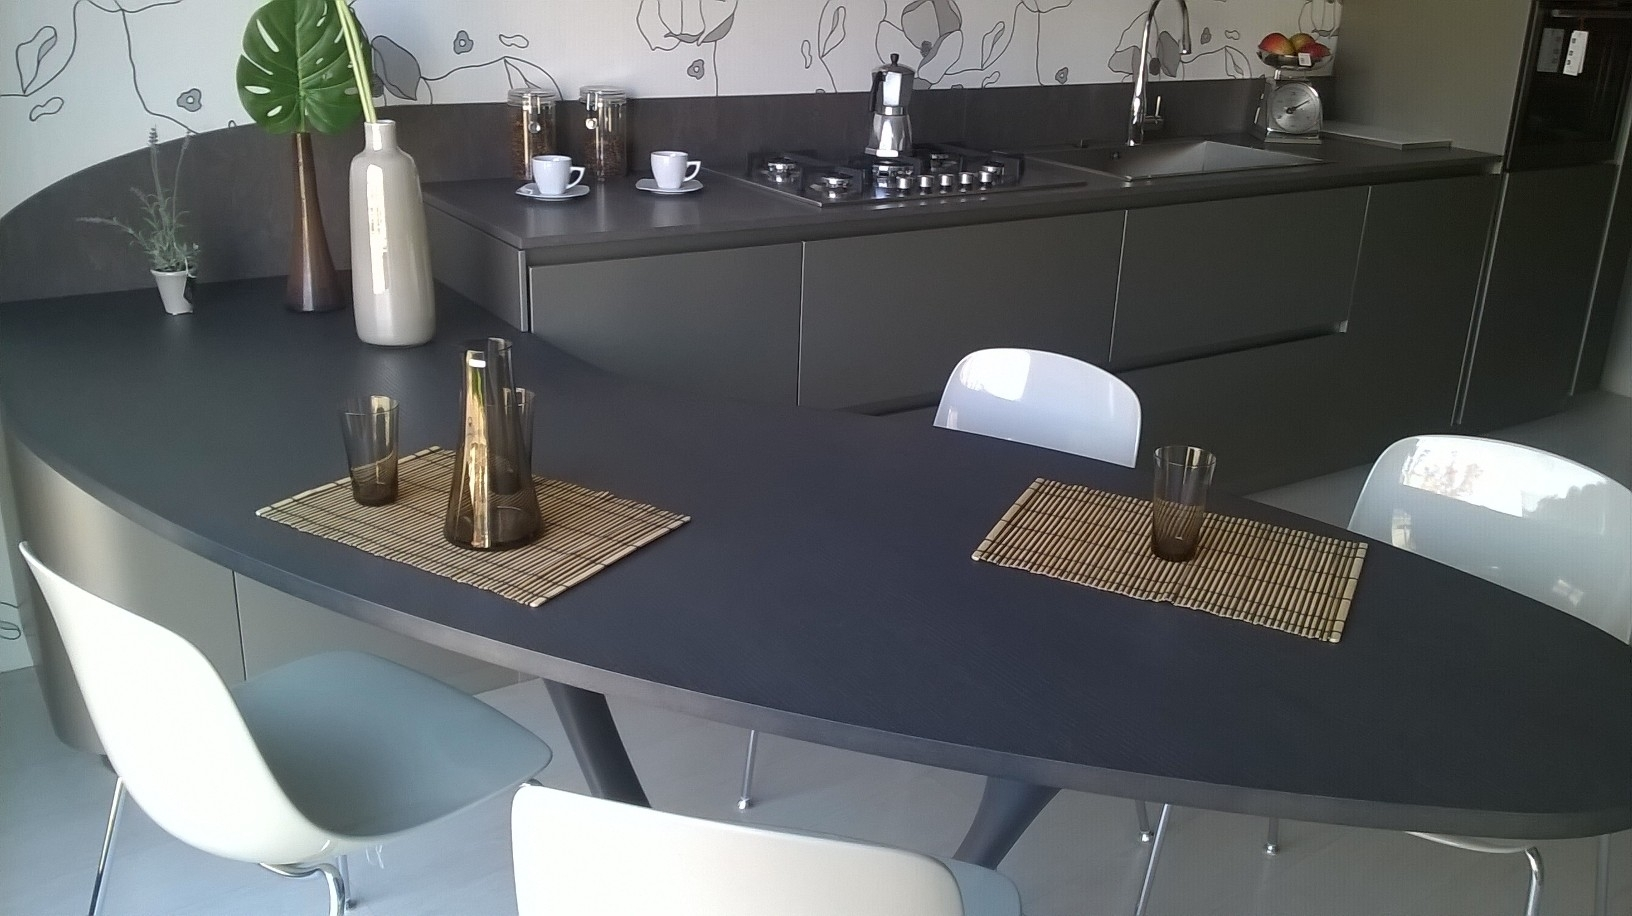 Cucina snaidero ola 20 design laccato opaco grigio cucine a prezzi scontati - Cucina grigio scuro ...